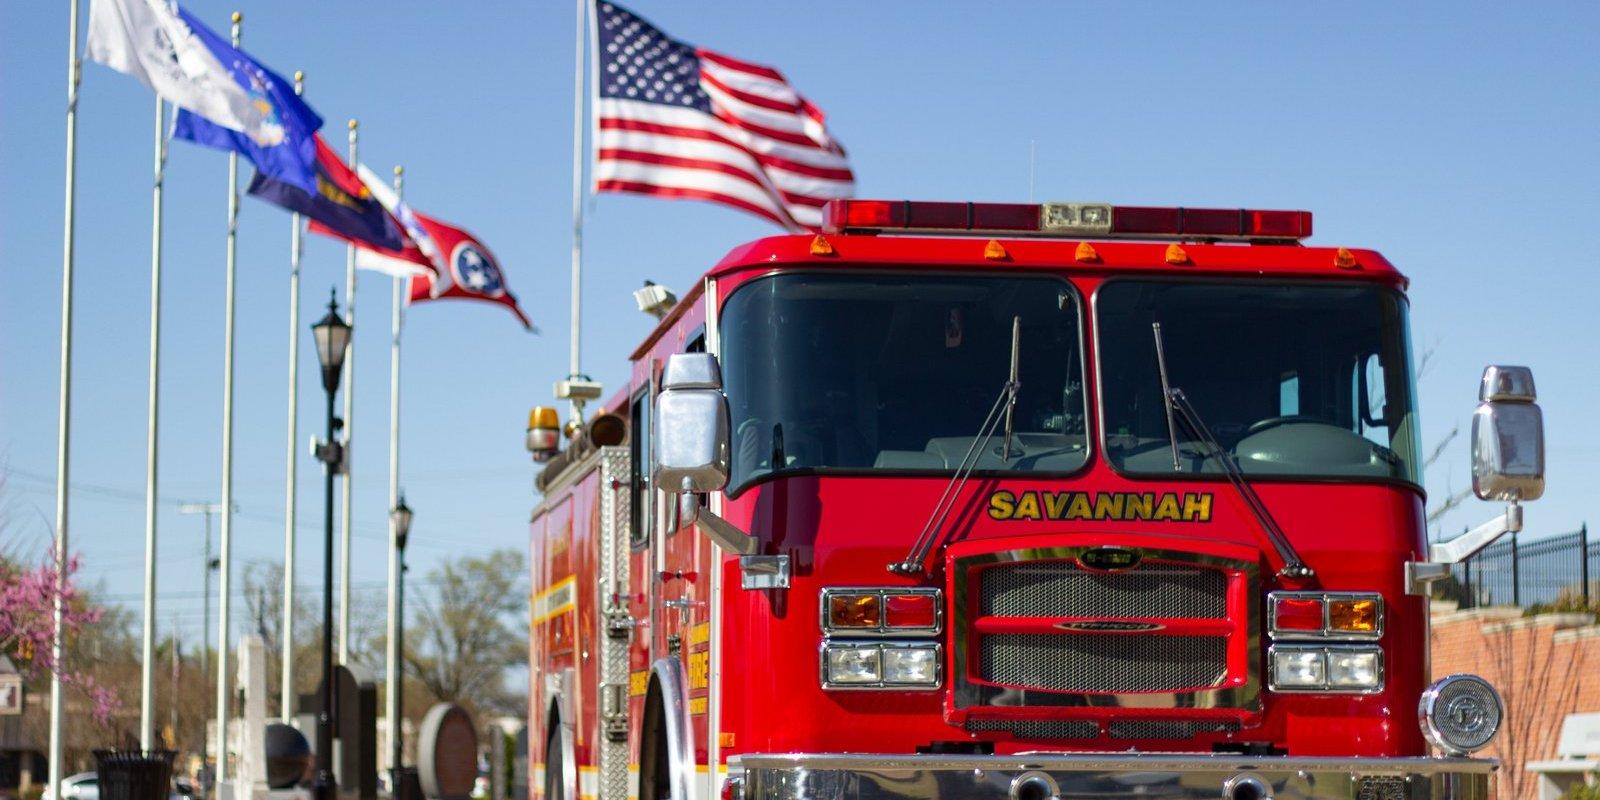 Job Opening – Associate Firefighter